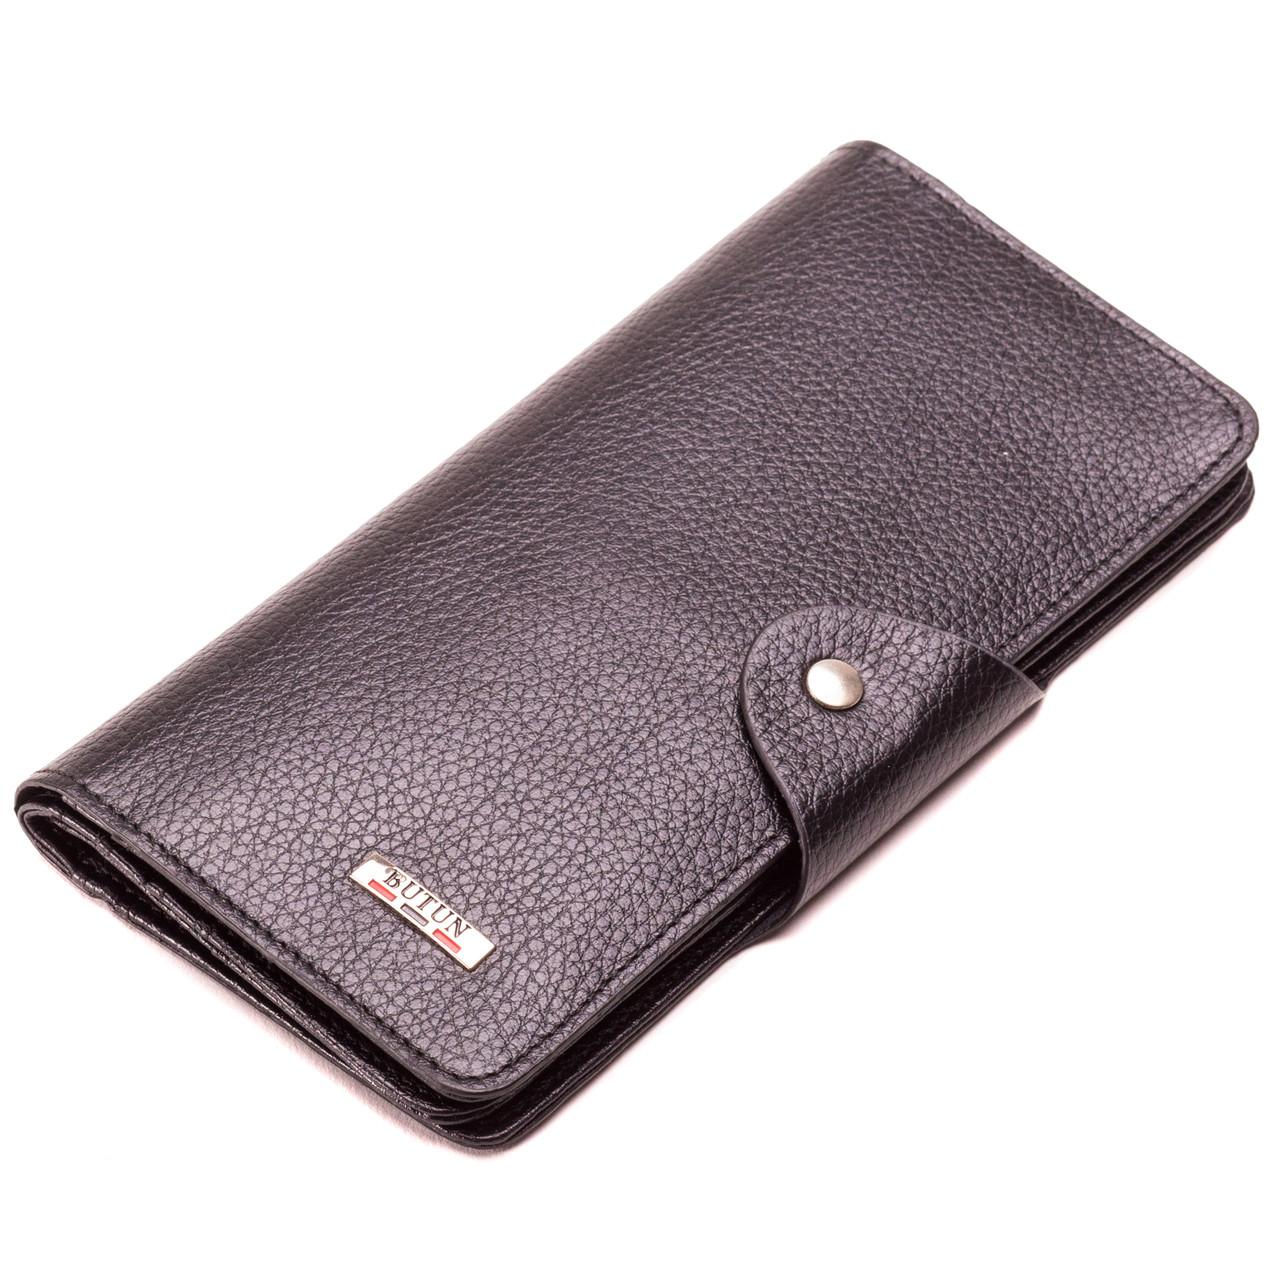 Чоловічий гаманець гаманець шкіряний чорний BUTUN 645-004-001